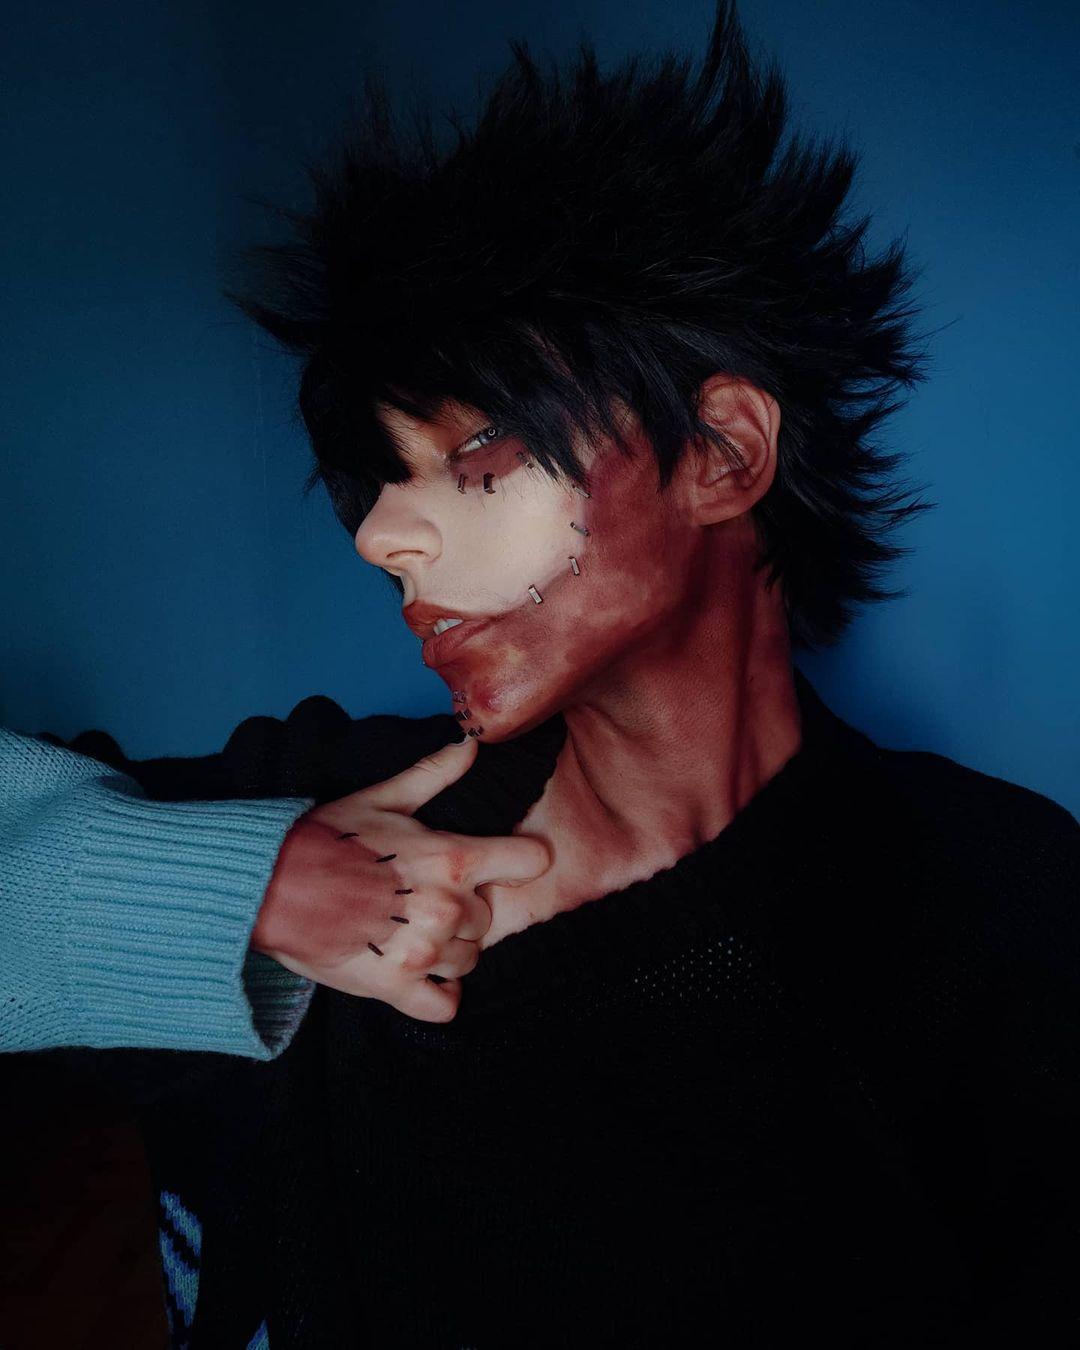 Fotografía del cosplayer Loon como Dabi de 'Boku no Hero Academia'.